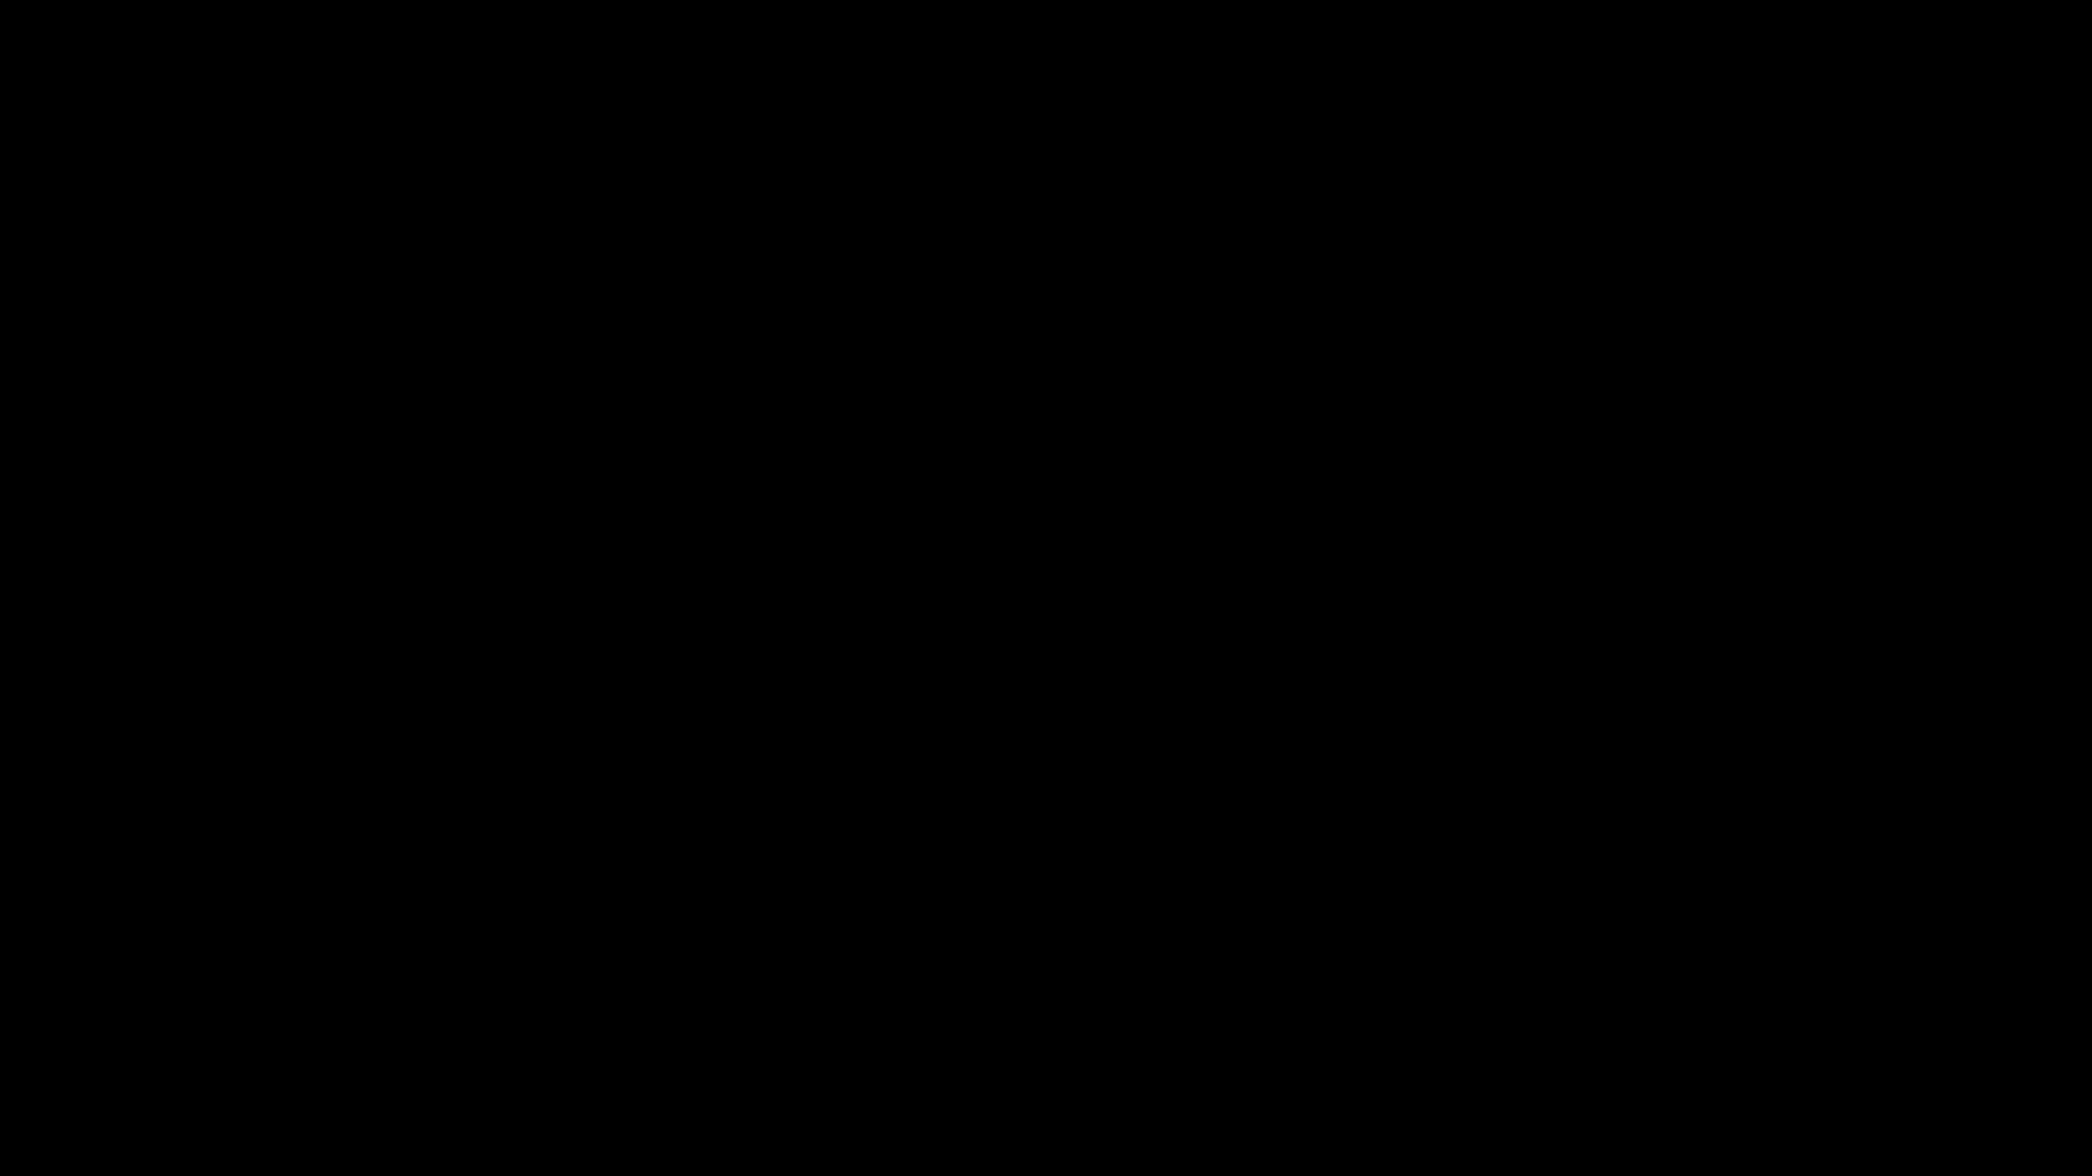 El Dodecaedro de la Planificación Anticipada de Cuidados: Viñetas para conversar. SECPAL2018